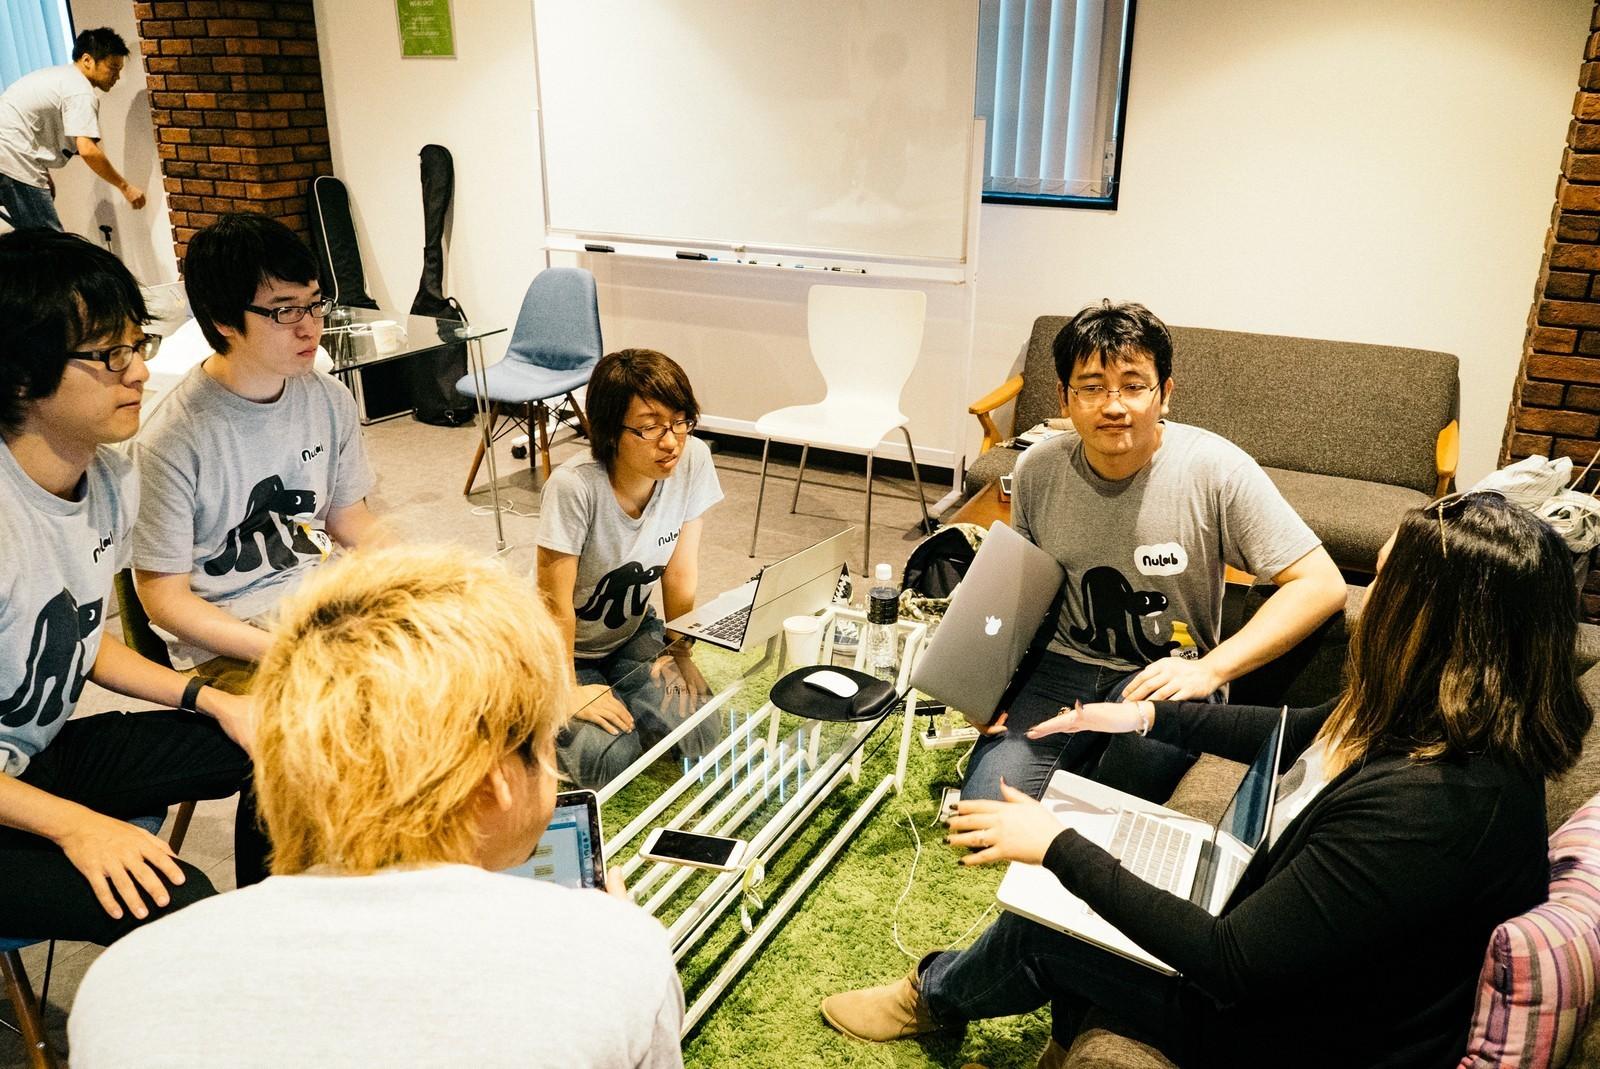 約5,000社に利用されている「Backlog」の技術的なクライアントの課題を解決するサポートエンジニアを募集!@福岡